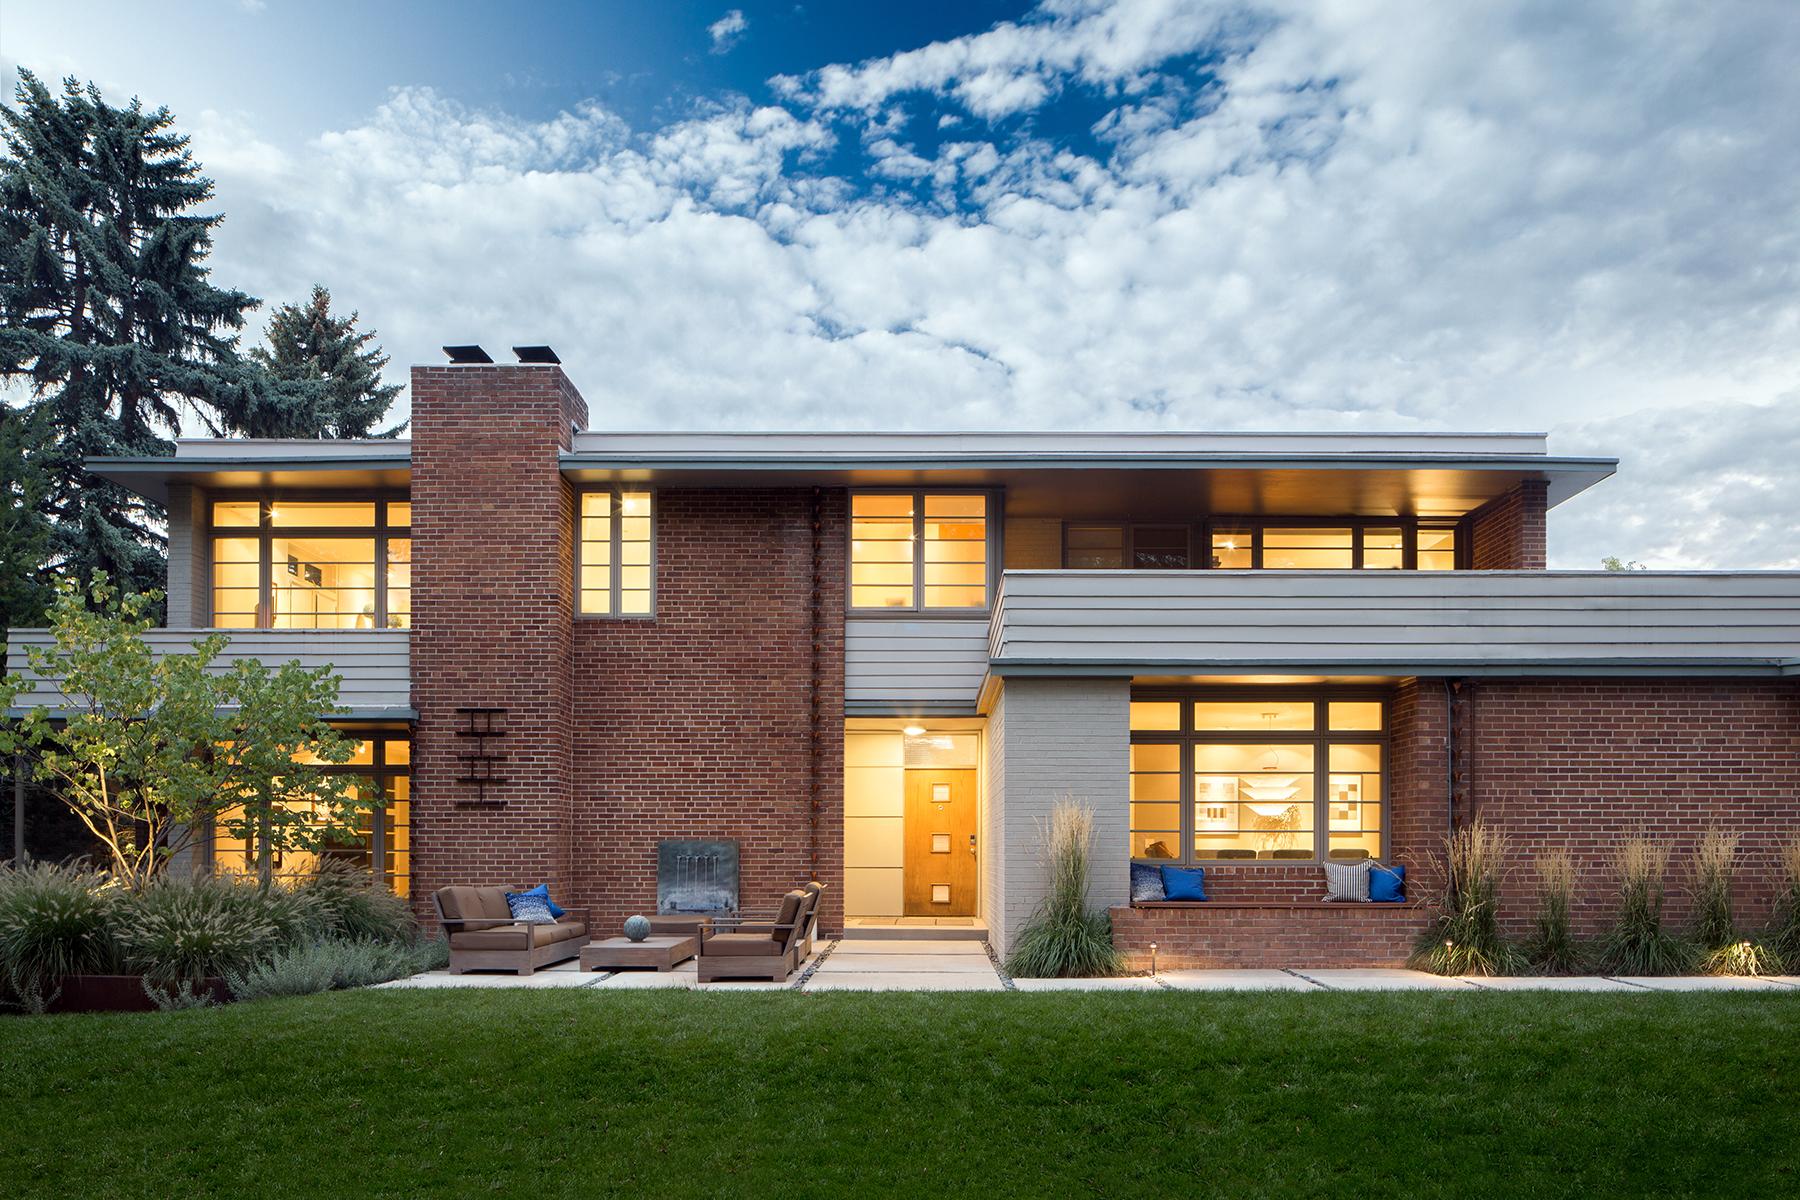 Casa Unifamiliar por un Venta en FRANK LLOYD WRIGHT'S USONIAN STYLE MID-CENTURY MODERN 5435 East Avenue Parkway Hilltop, Denver, Colorado 80220 Estados Unidos